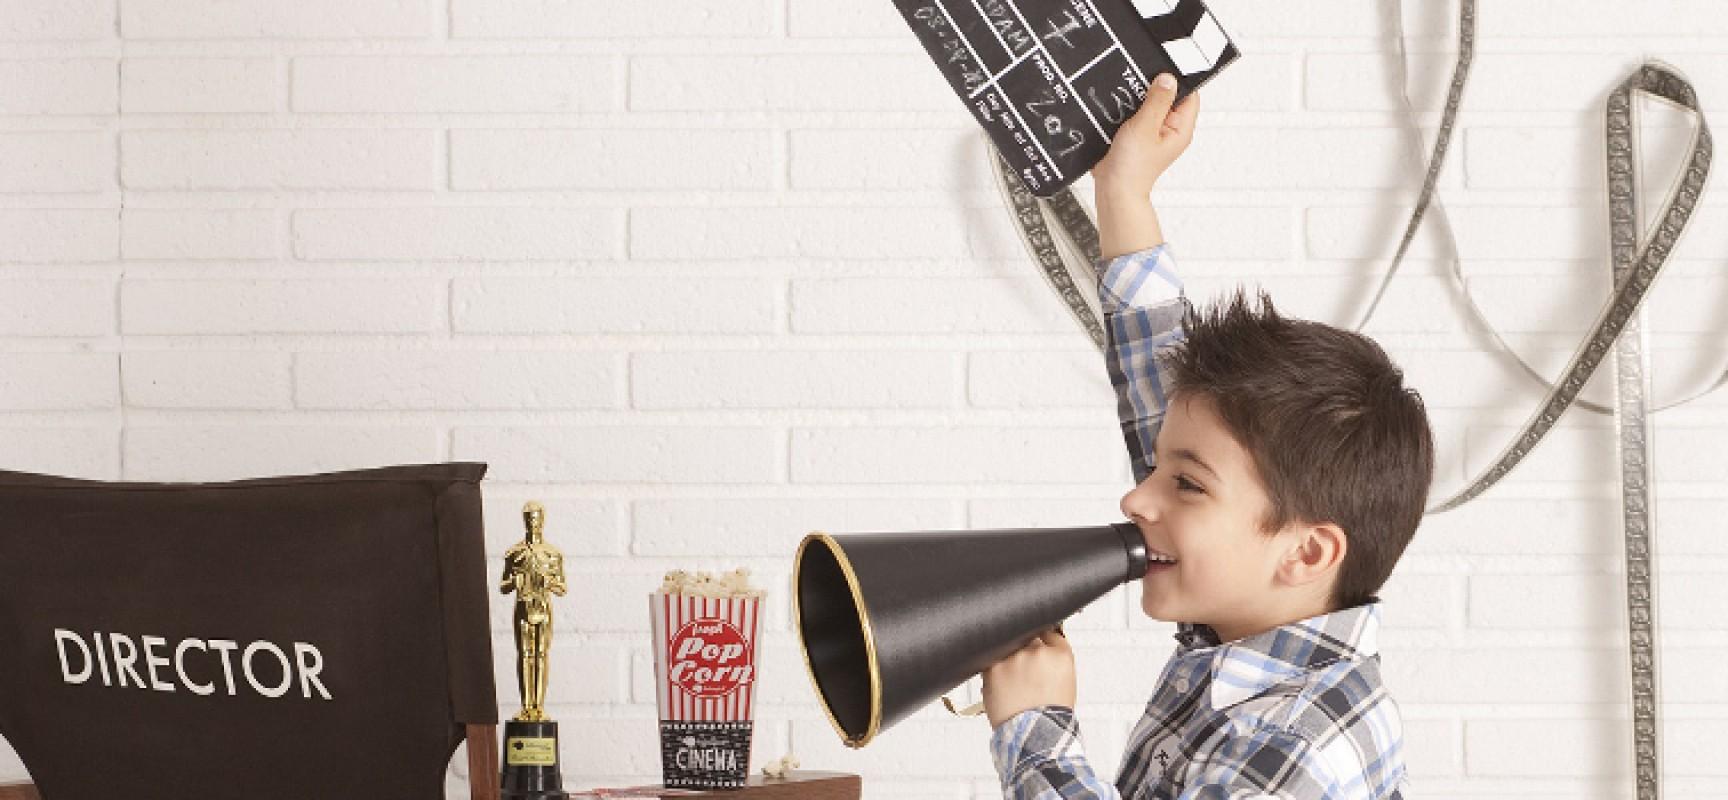 Scuole Primarie, laboratorio cinematografico a cura di Cineclub Ricciotto Canudo